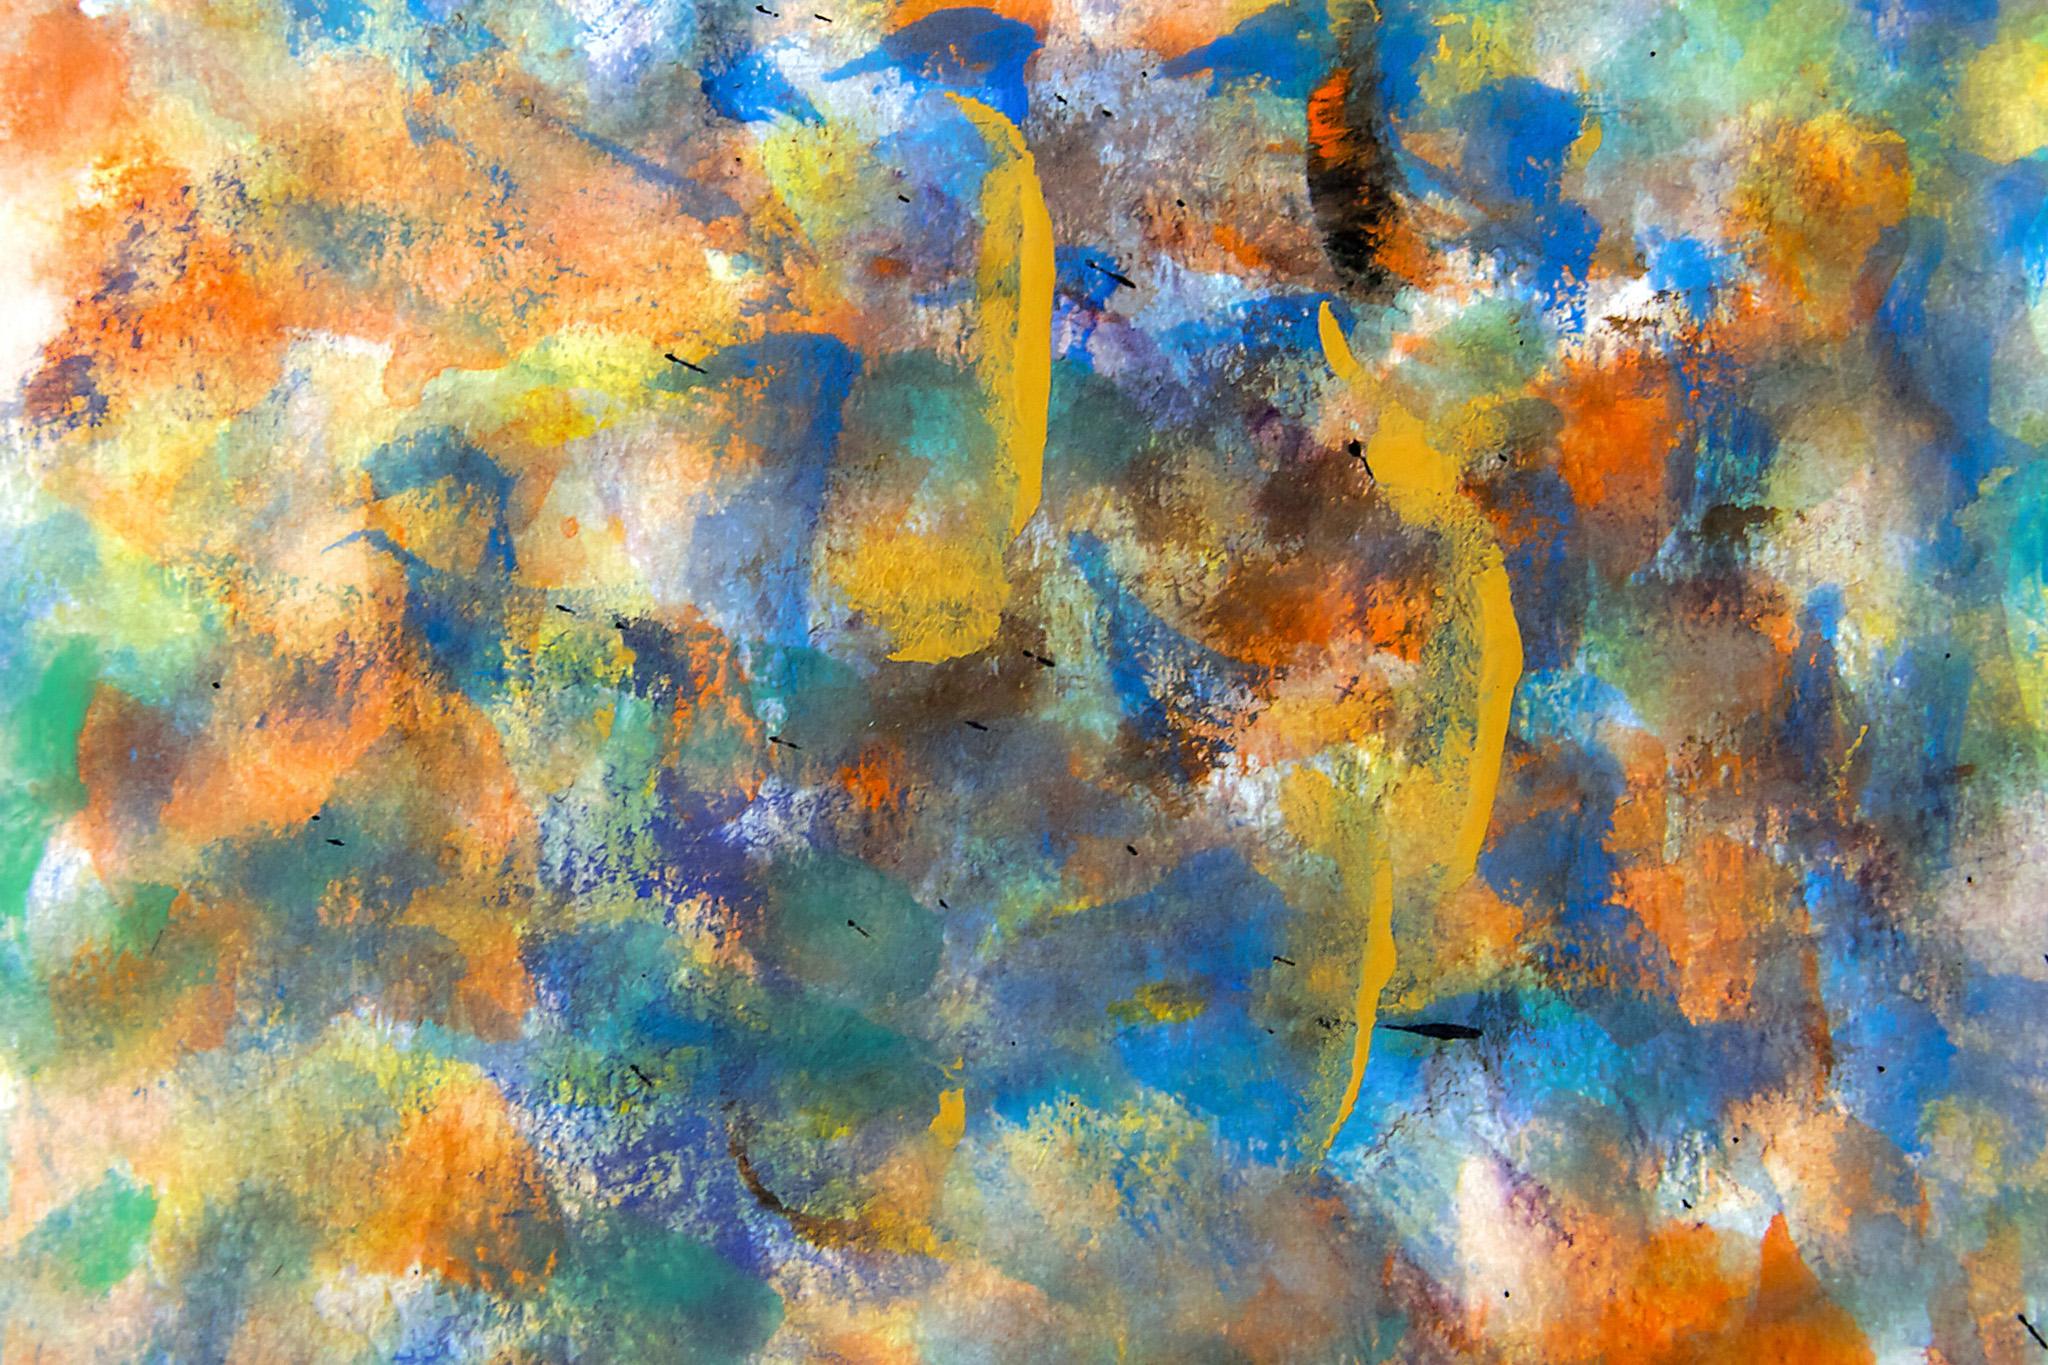 「カラフルな水彩タッチの背景」